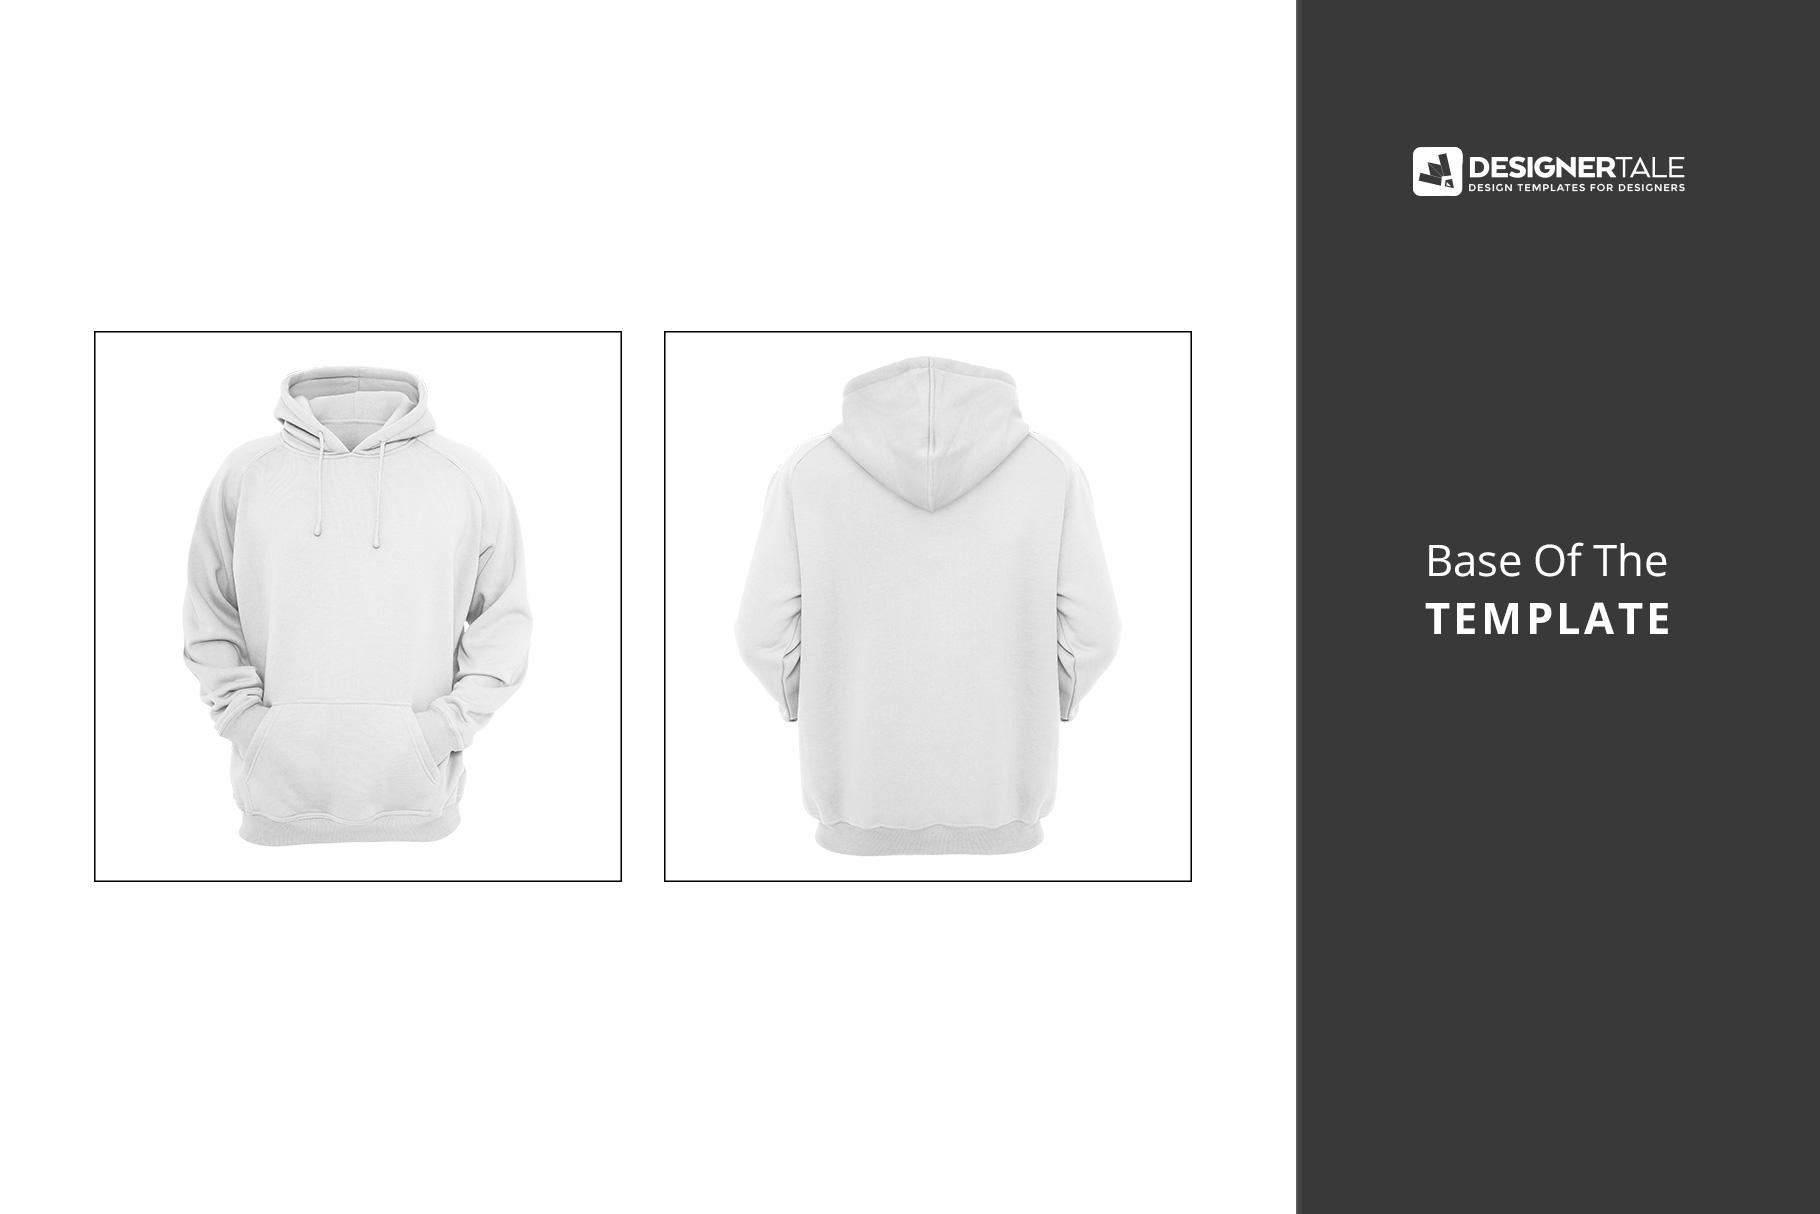 base images of men hoodie mockup